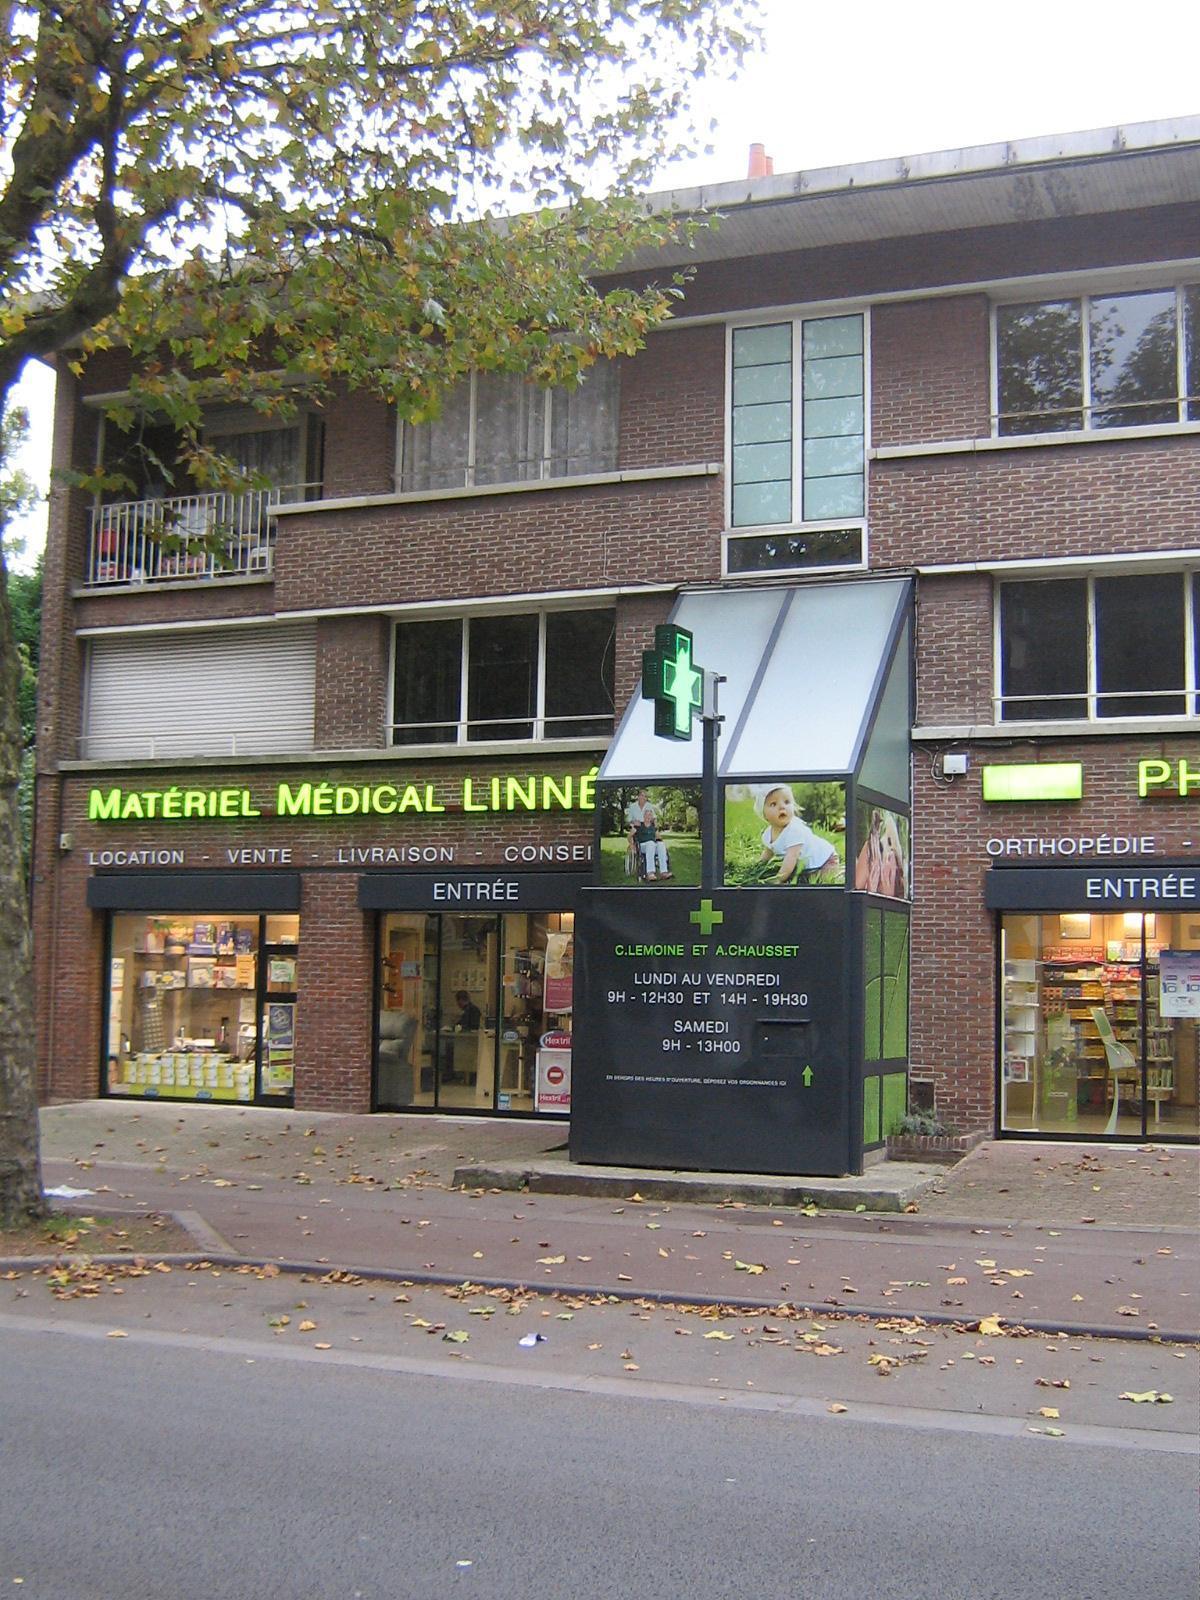 Pharmacie Linné à Roubaix dans le Nord (59)- Vente de matériel médico-chirurgical